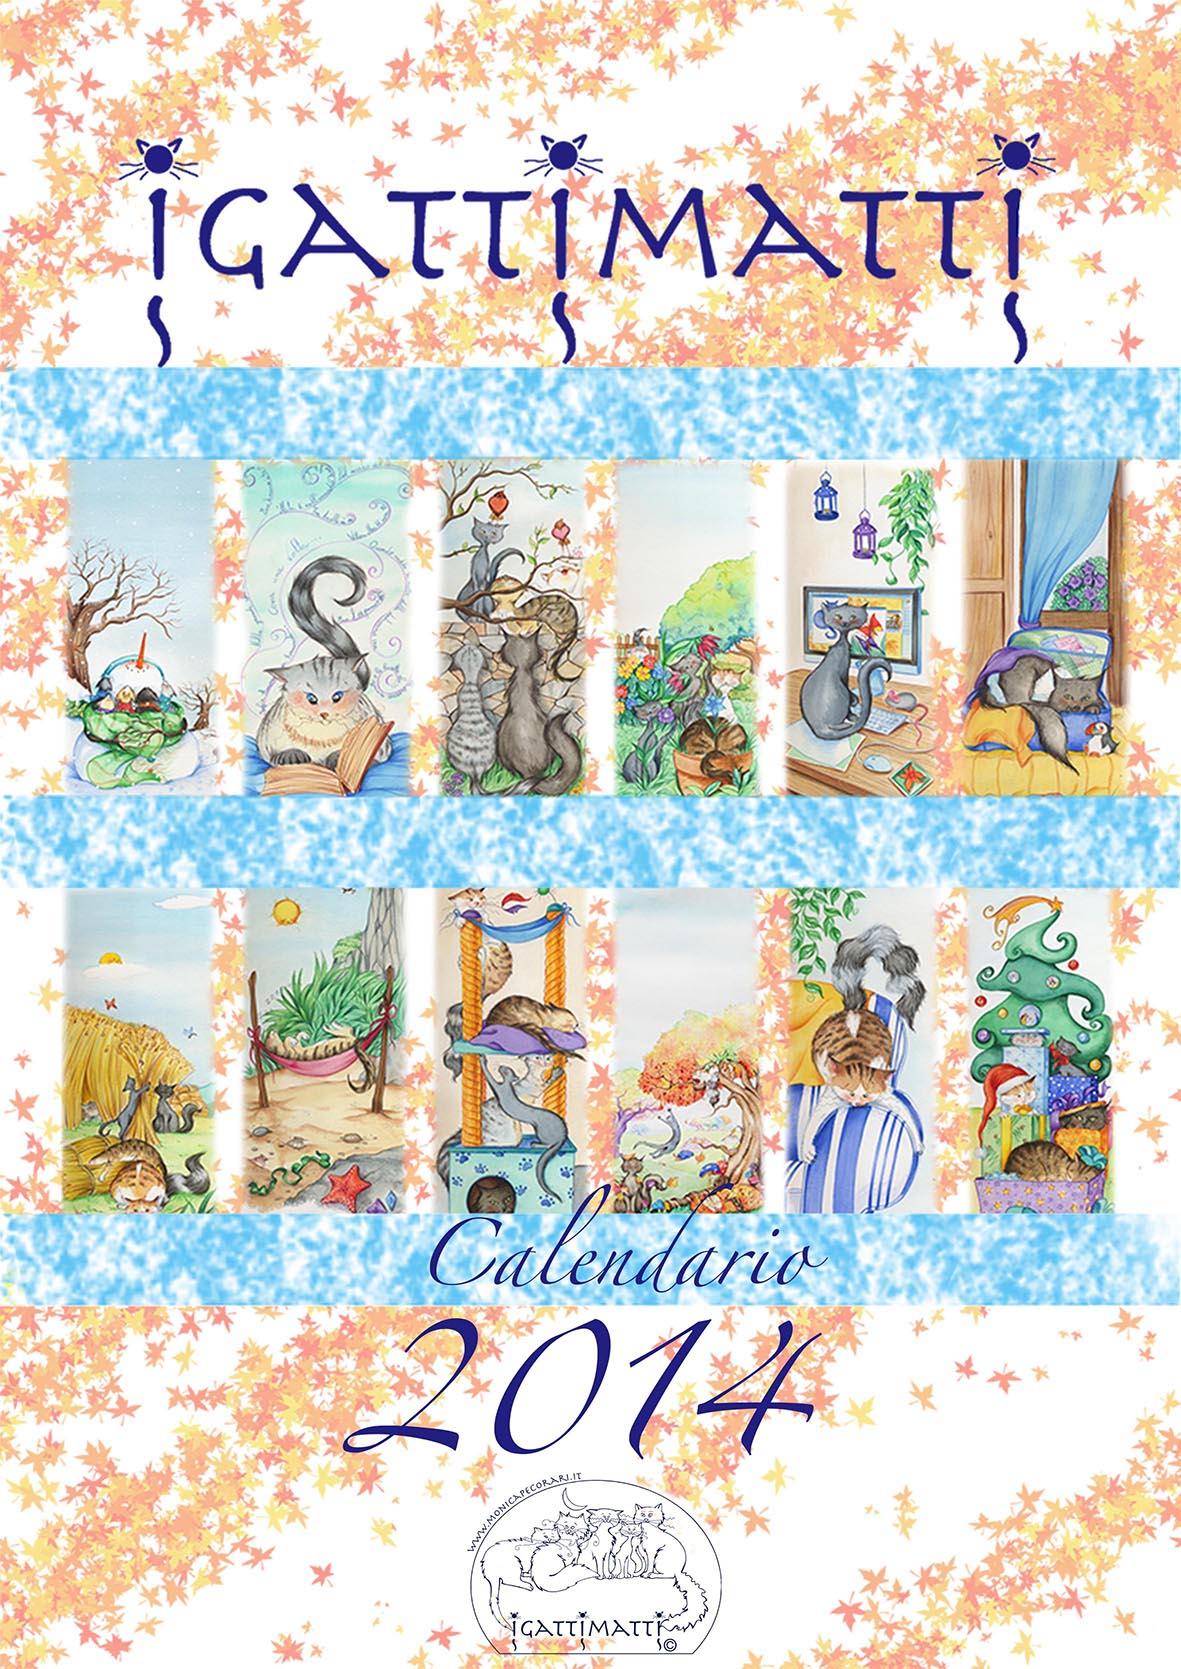 Igattimatti e il calendario 2014